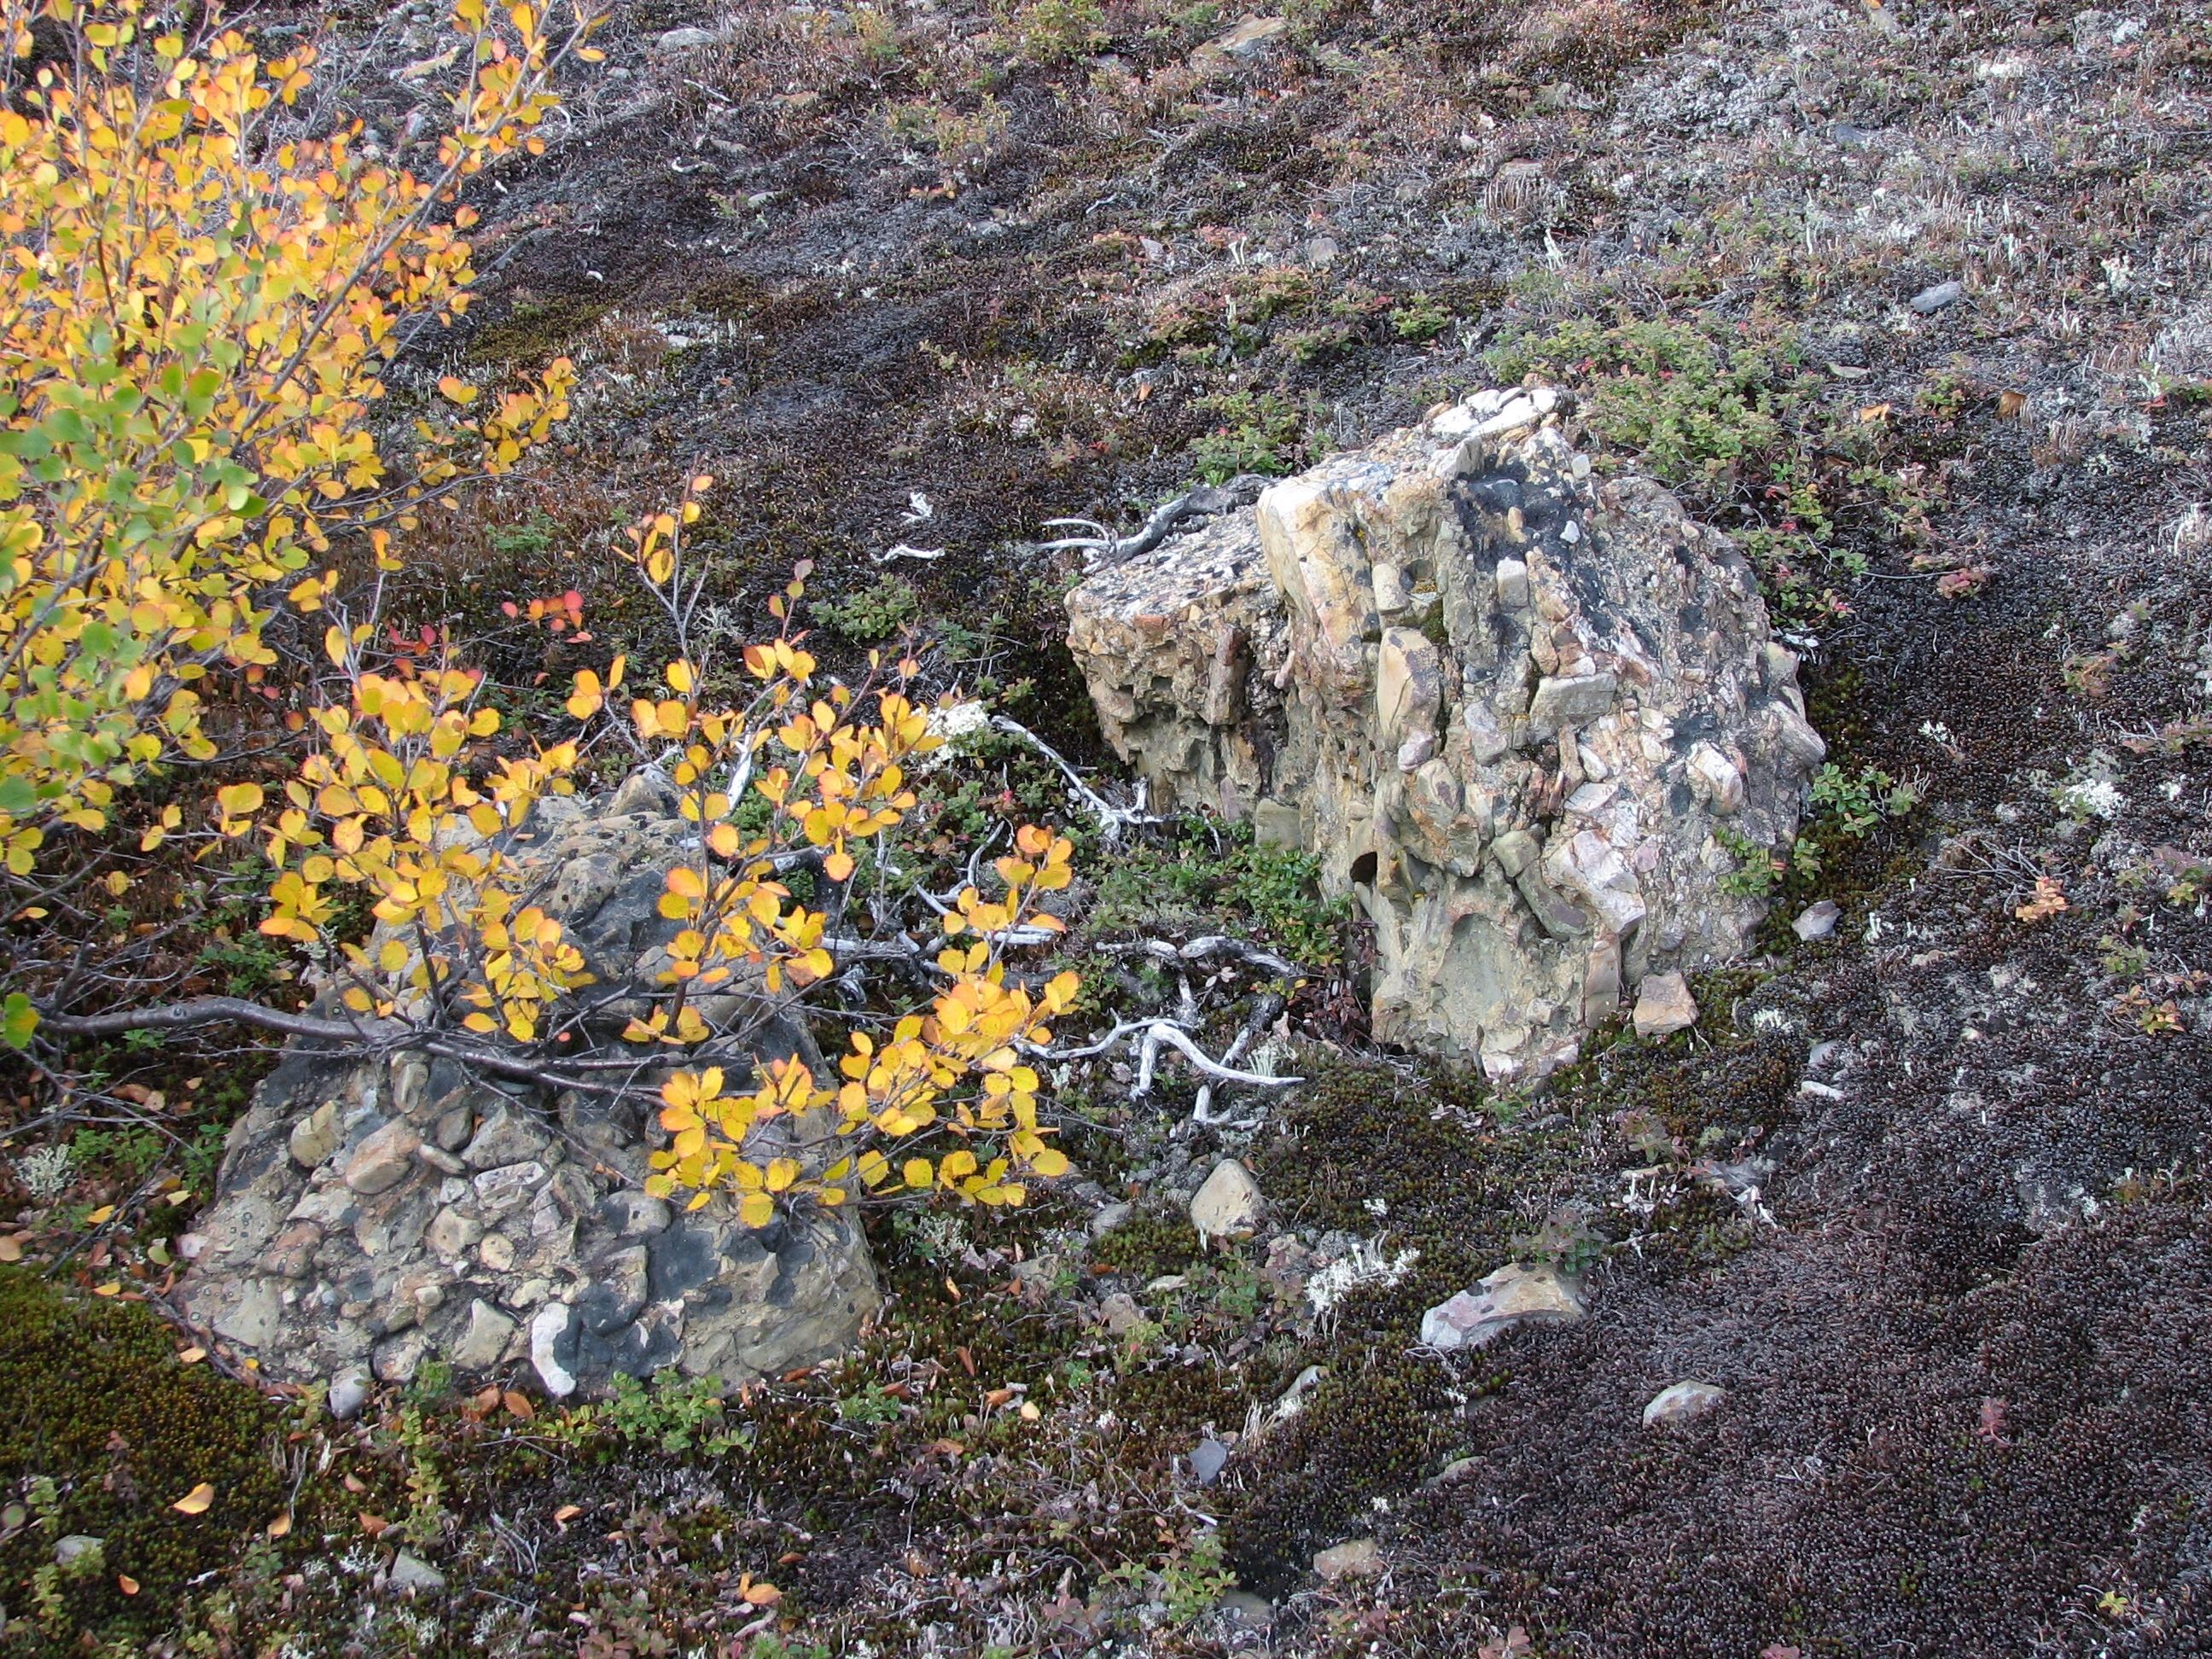 Yukon: Two rocks showing breccia material